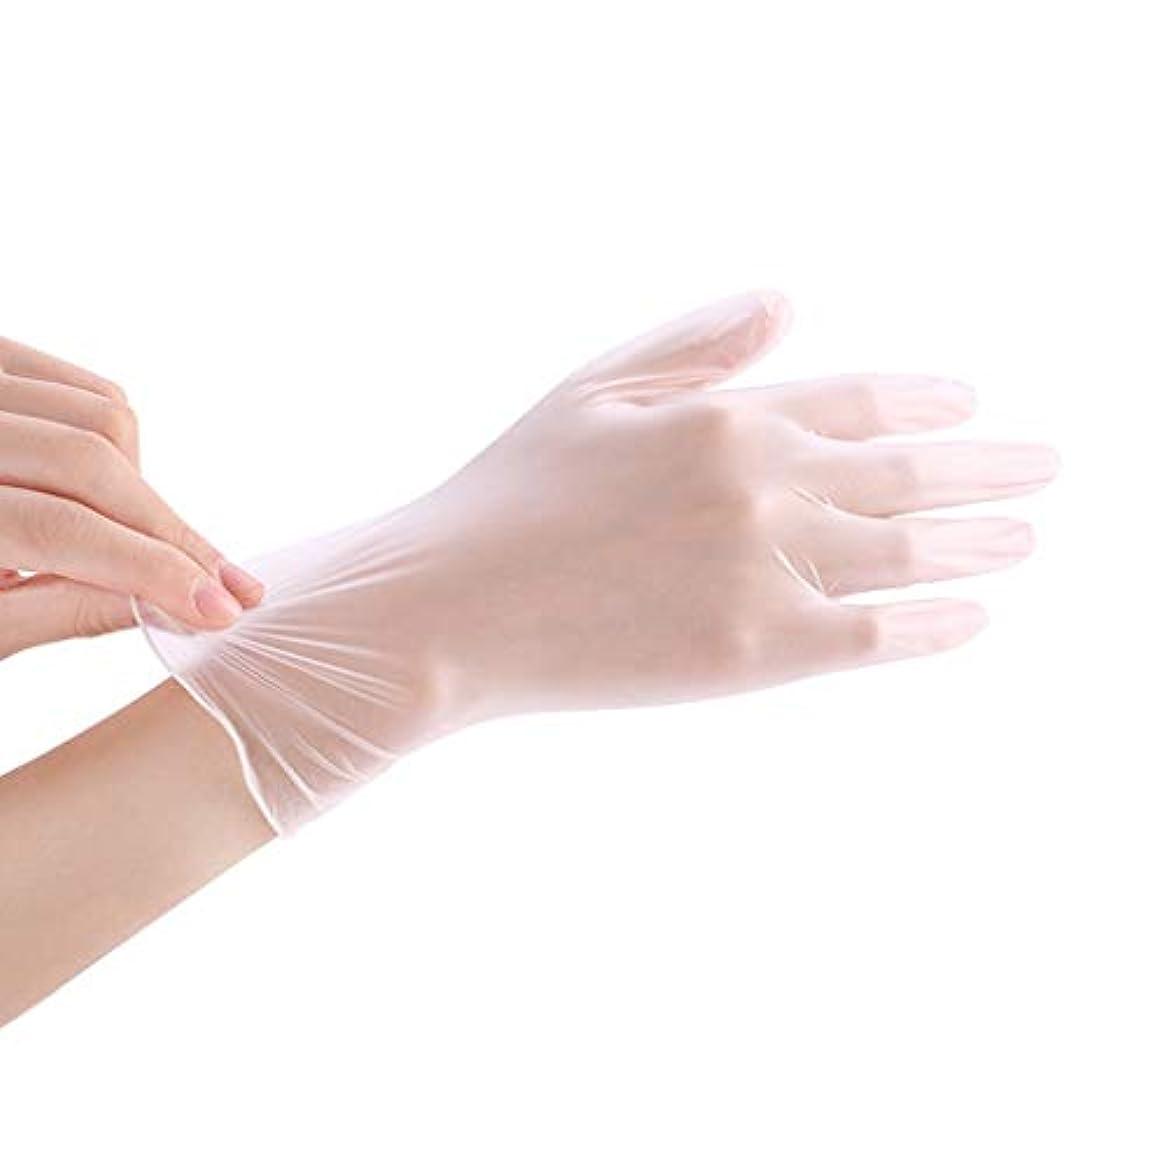 若者排除する参加する使い捨て透明食品ケータリンググレードPVC手袋美容キッチンベーキングフィルム手袋200 YANW (色 : トランスペアレント, サイズ さいず : L l)